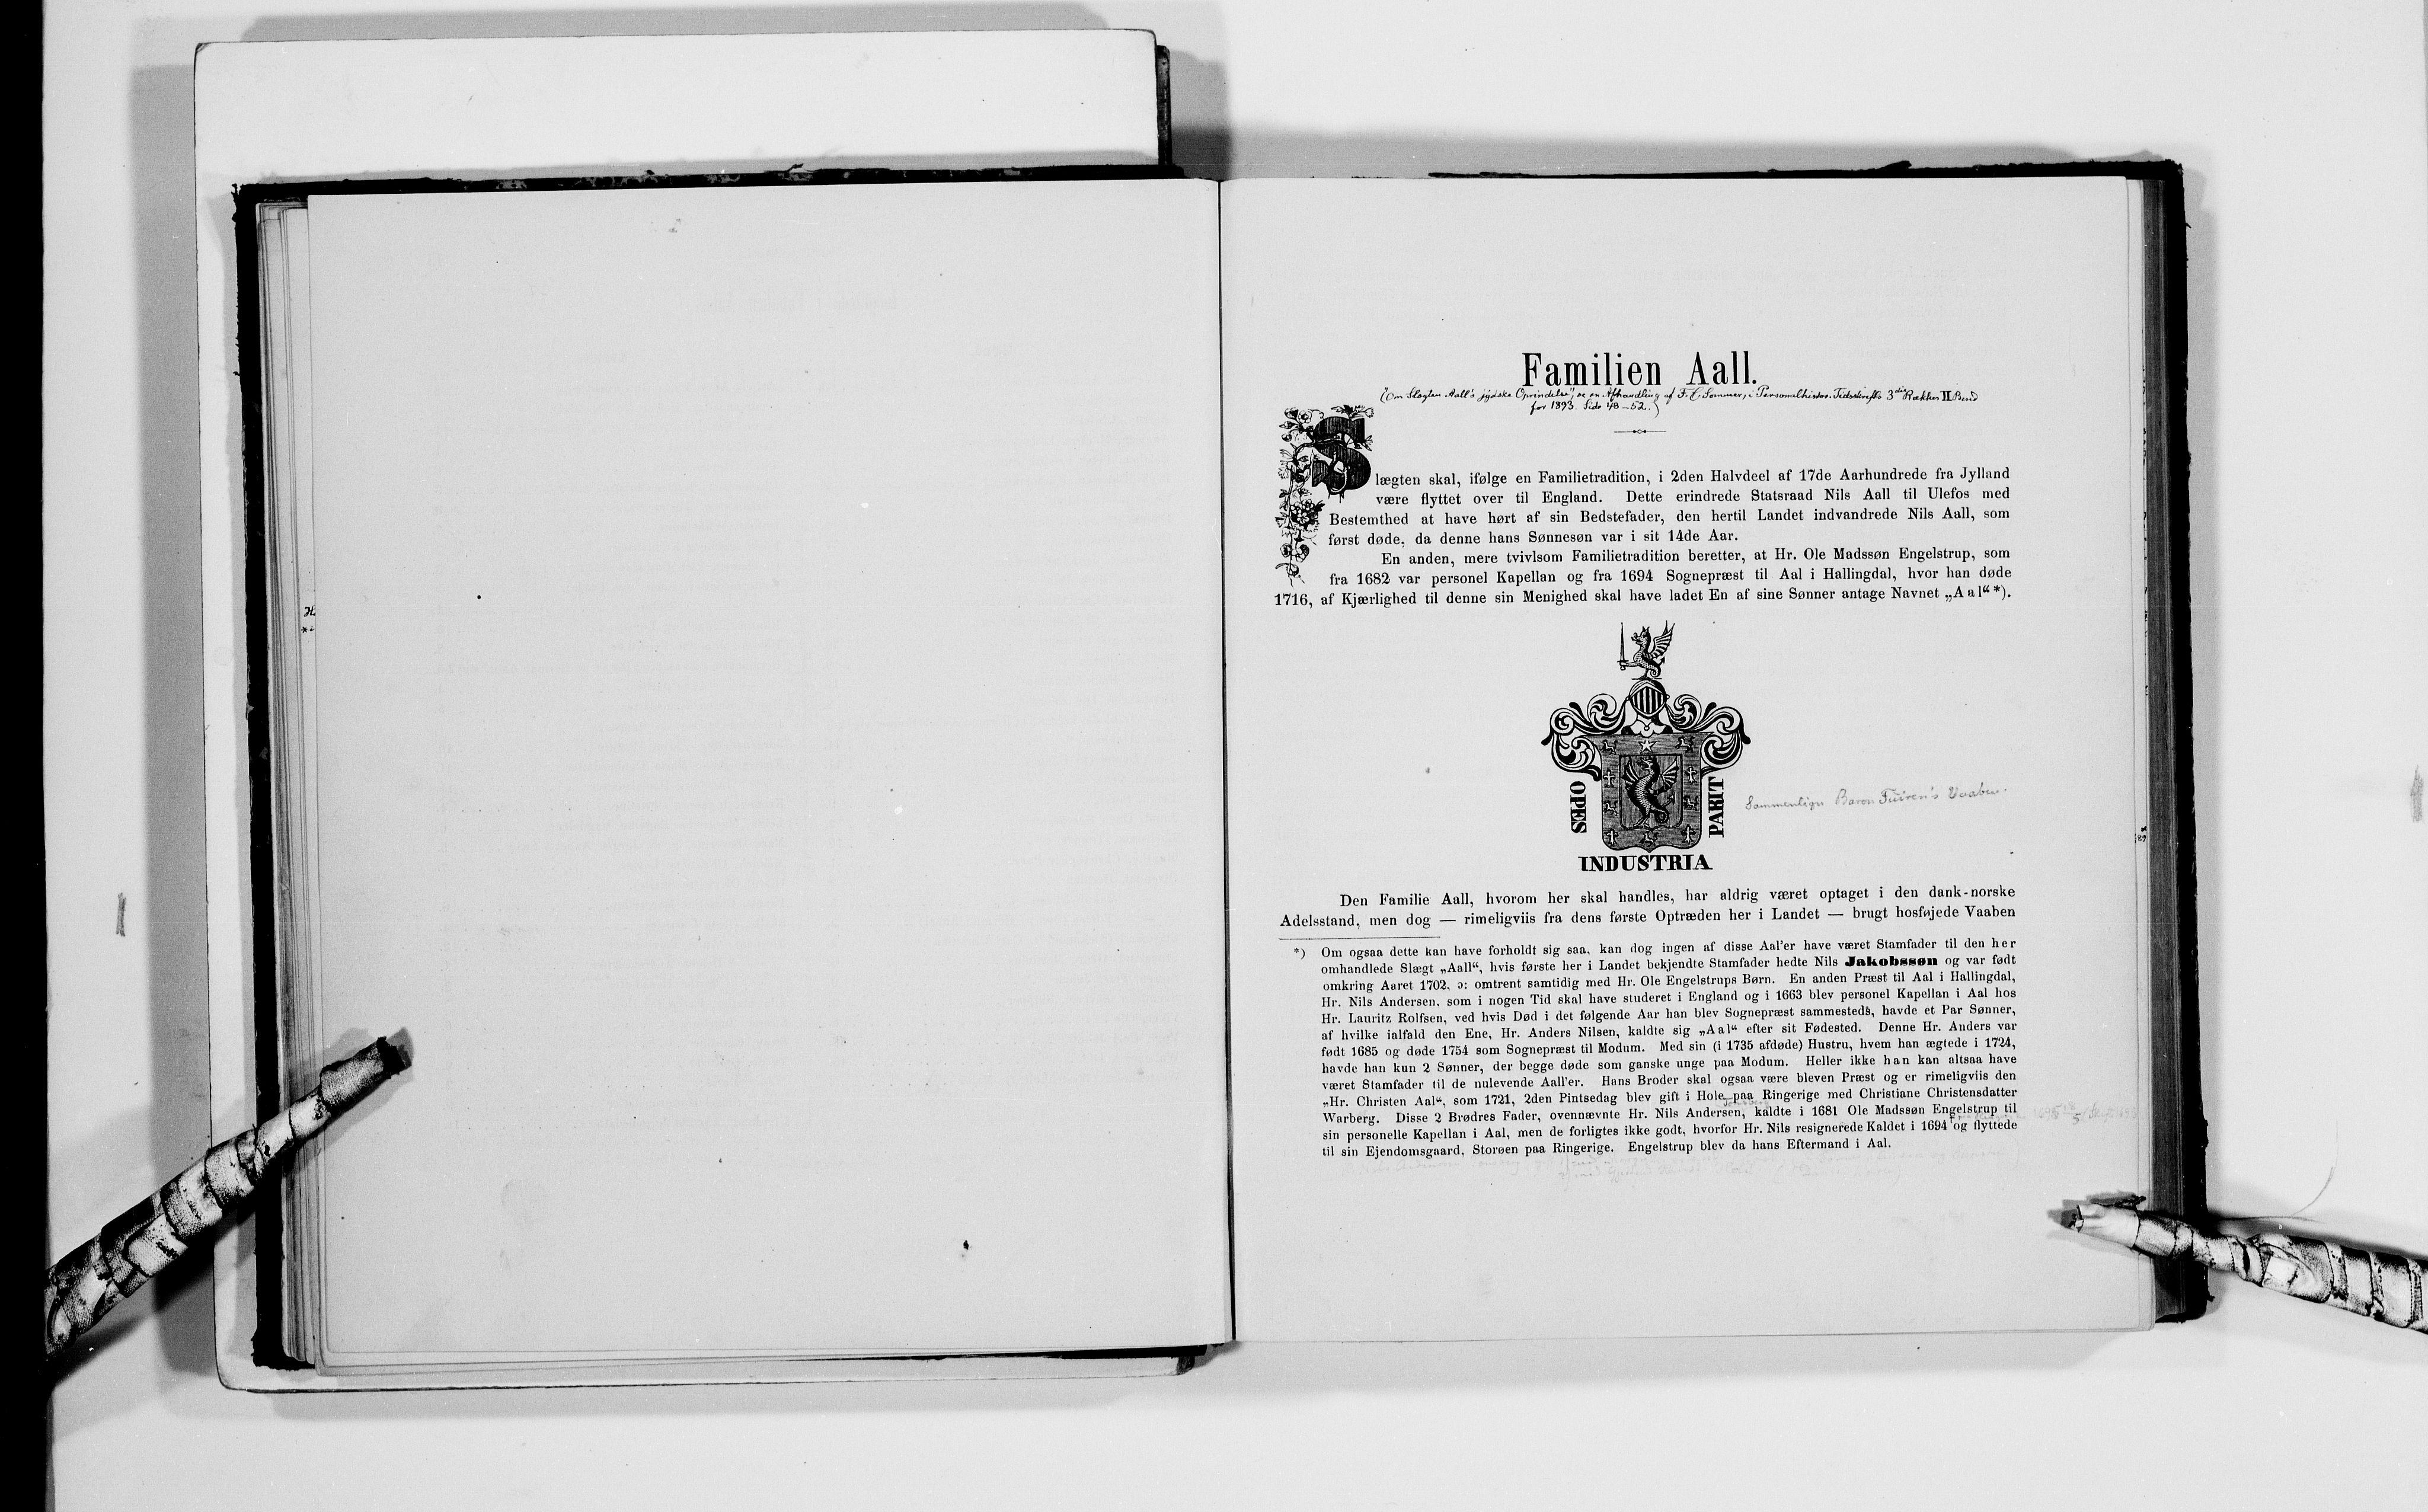 RA, Lassens samlinger, F/Fb, s. 14